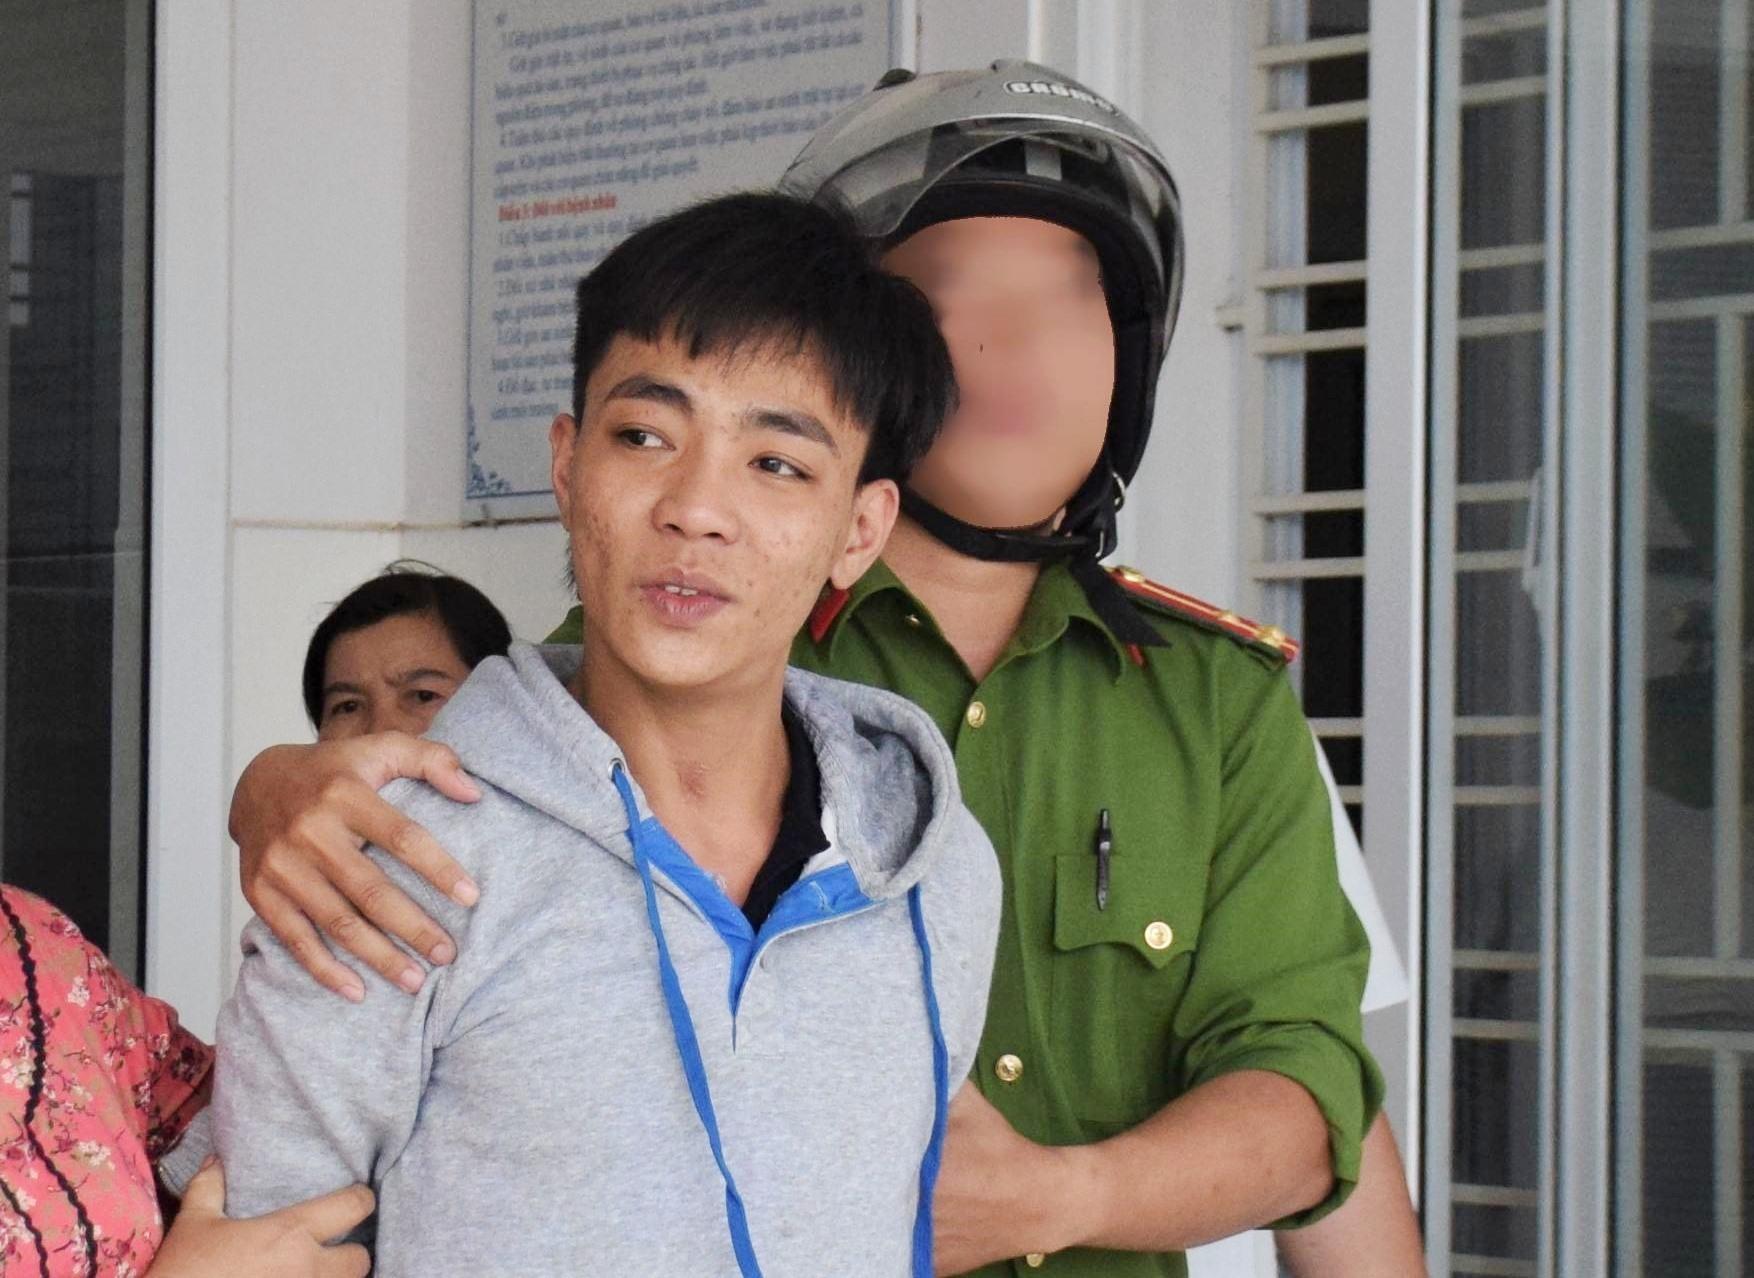 Đối tượng Cường bị bắt sau khi có hành vi cố ý gây thương tích cho một phụ nữ. Ảnh: THANH THẮNG